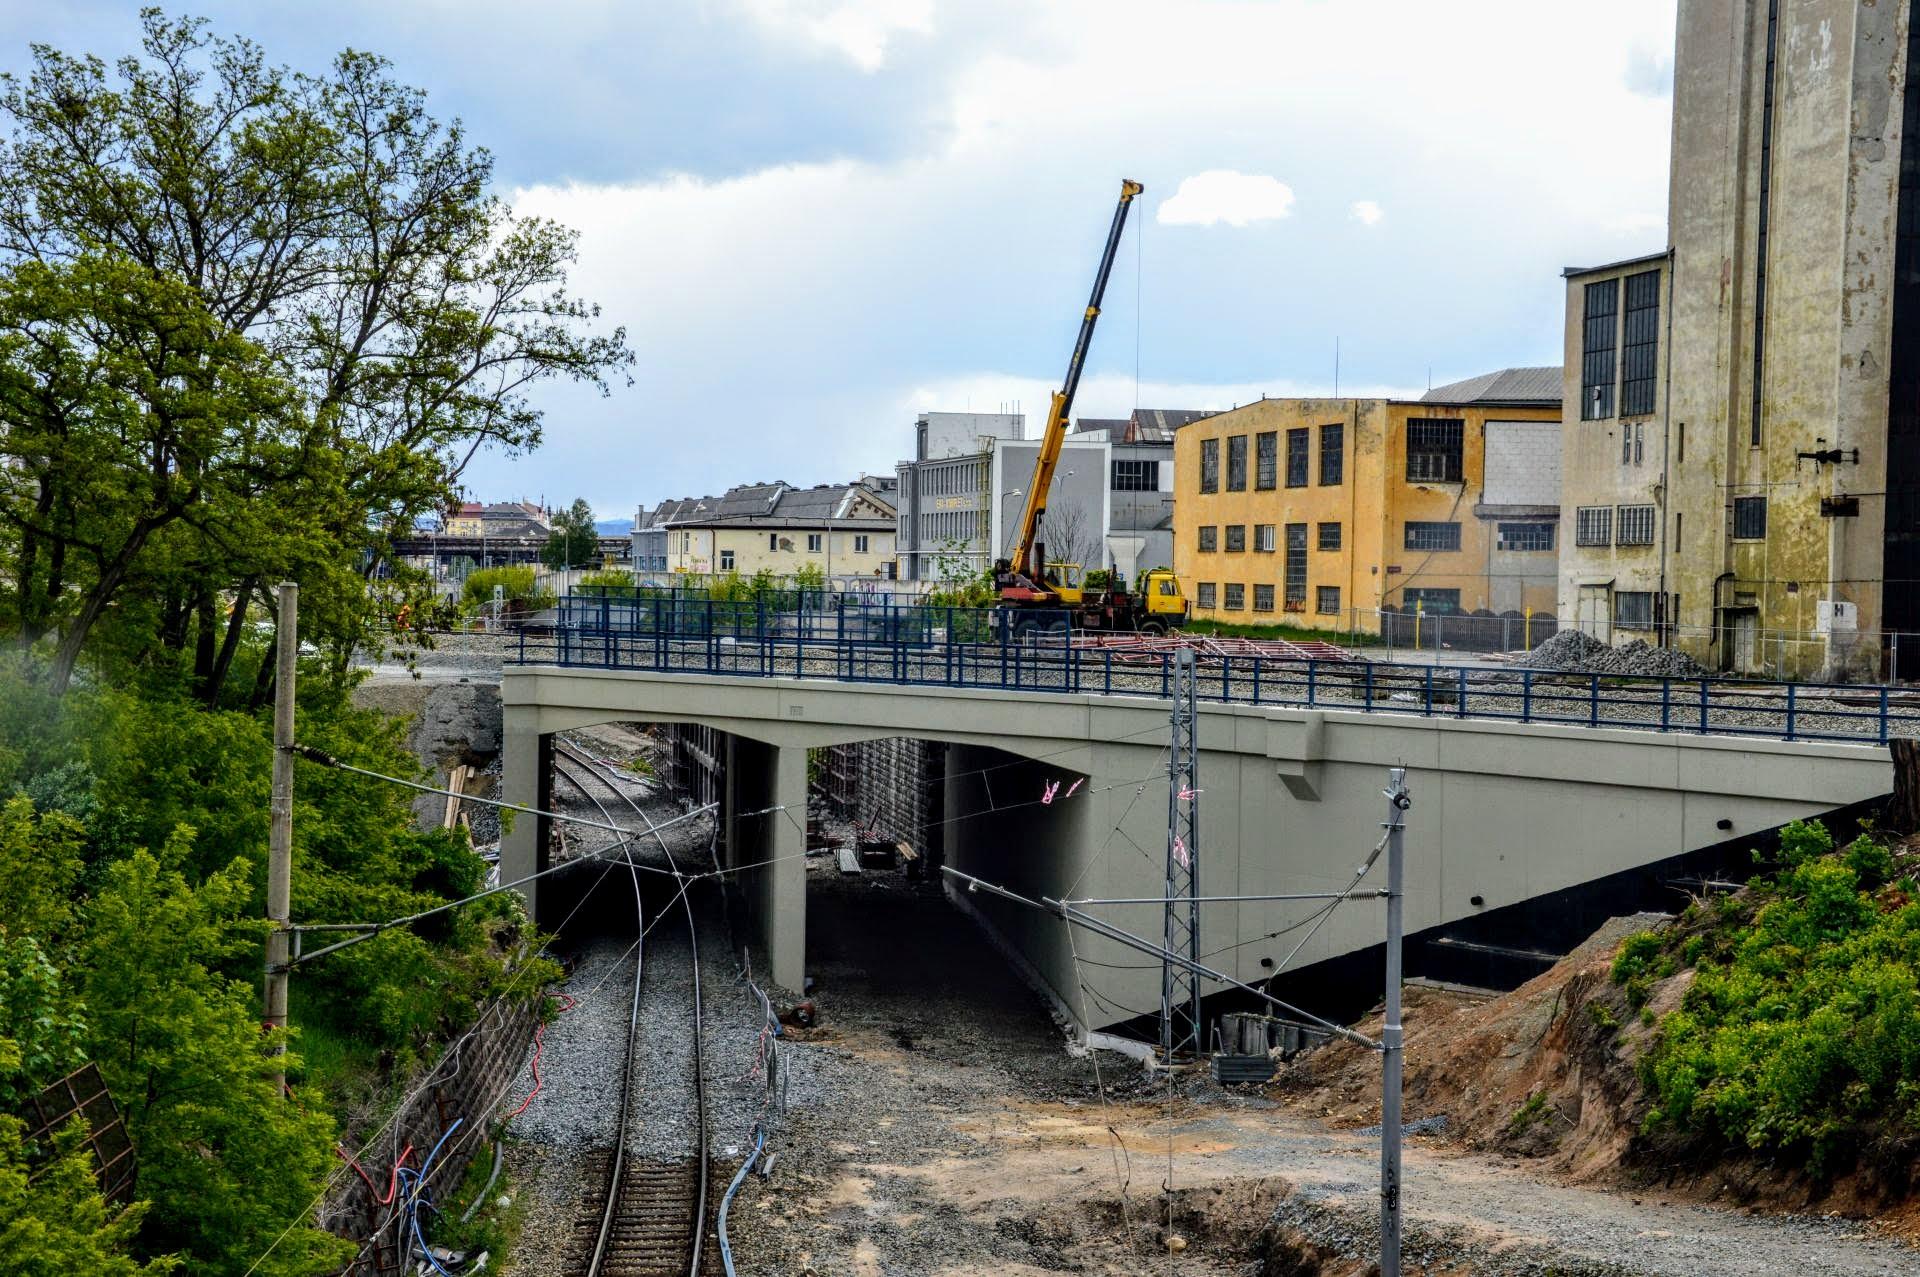 Nově vybudovaný most přesmyku domažlické trati přes trať do Chebu. Foto: Jan Sůra